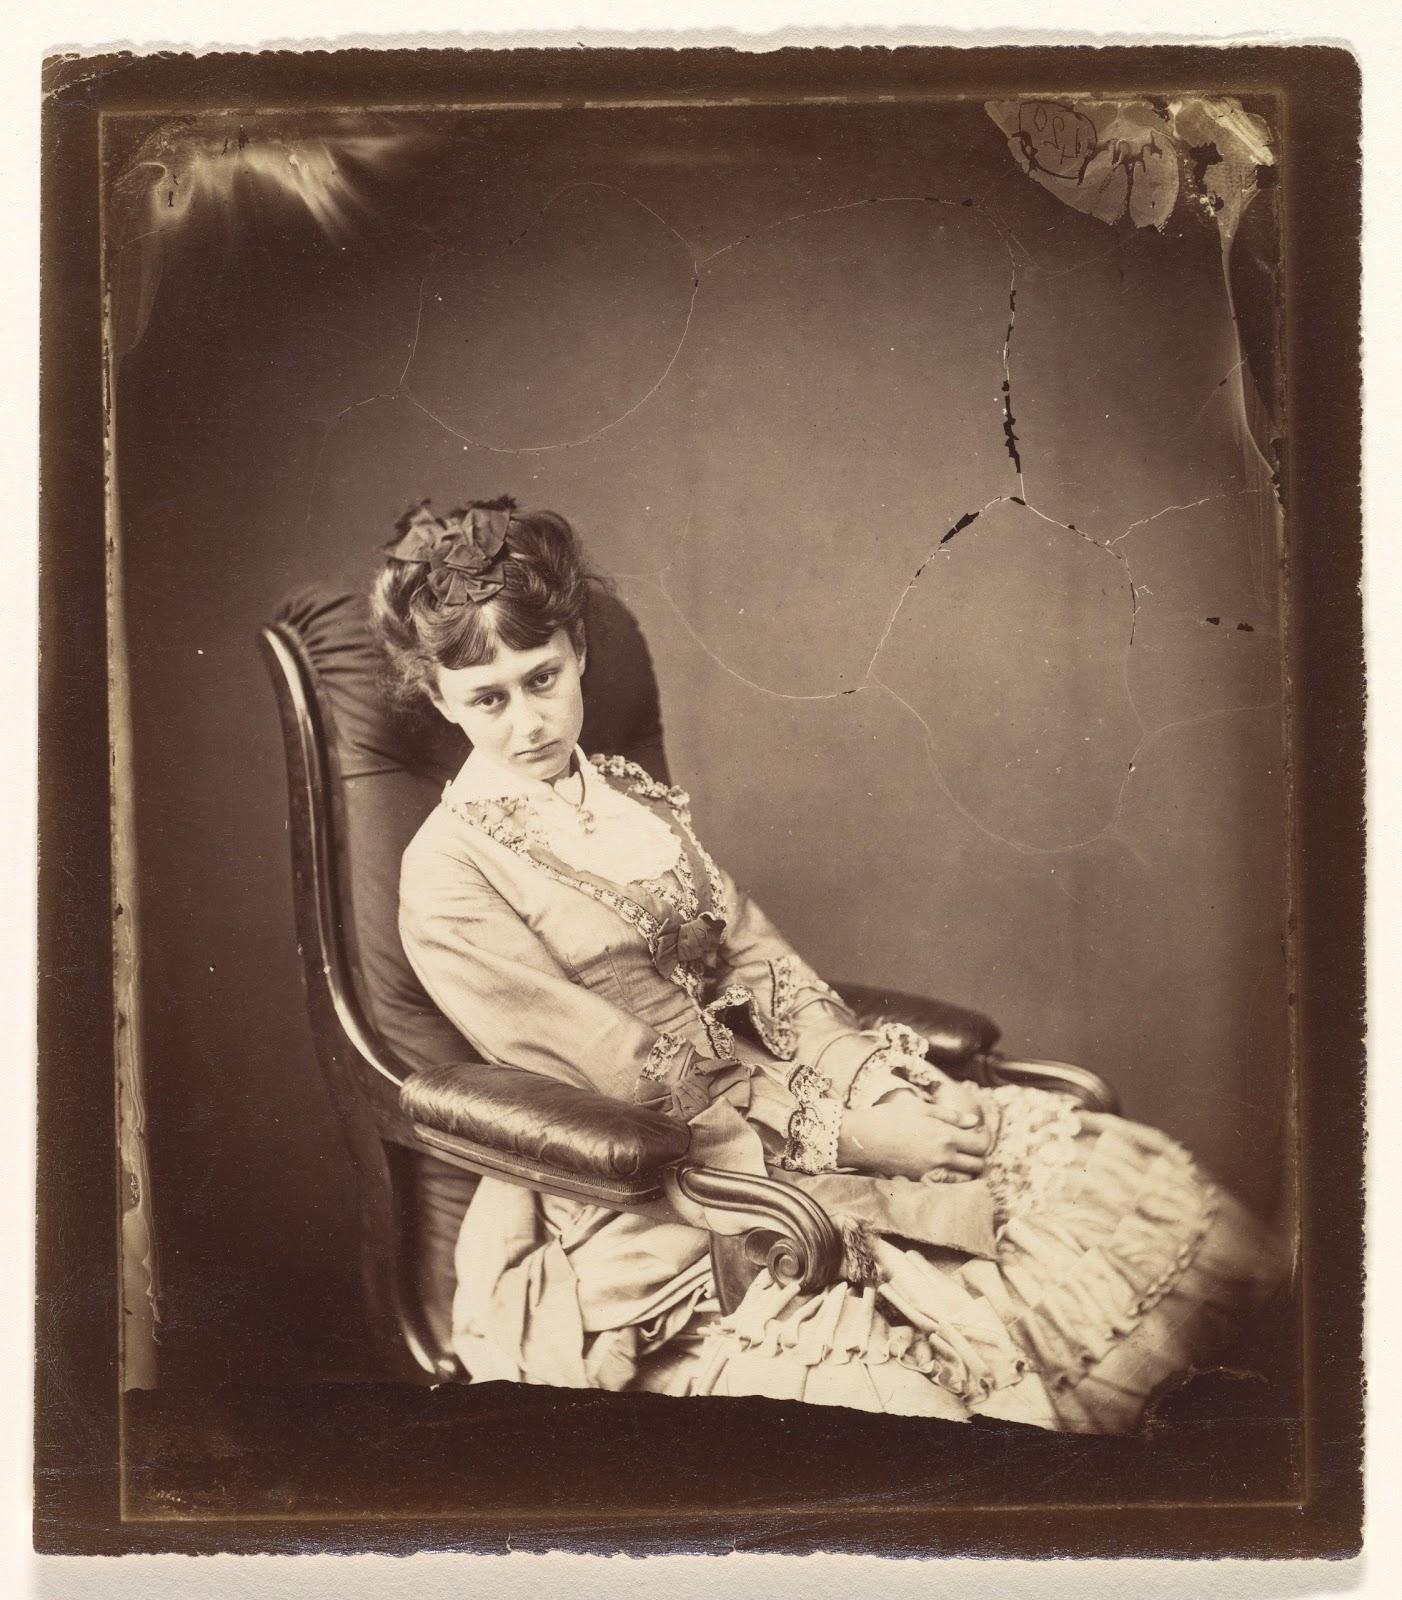 ルイス・キャロルの椅子に腰掛けた十八歳のアリス・リデルの最後の肖像写真